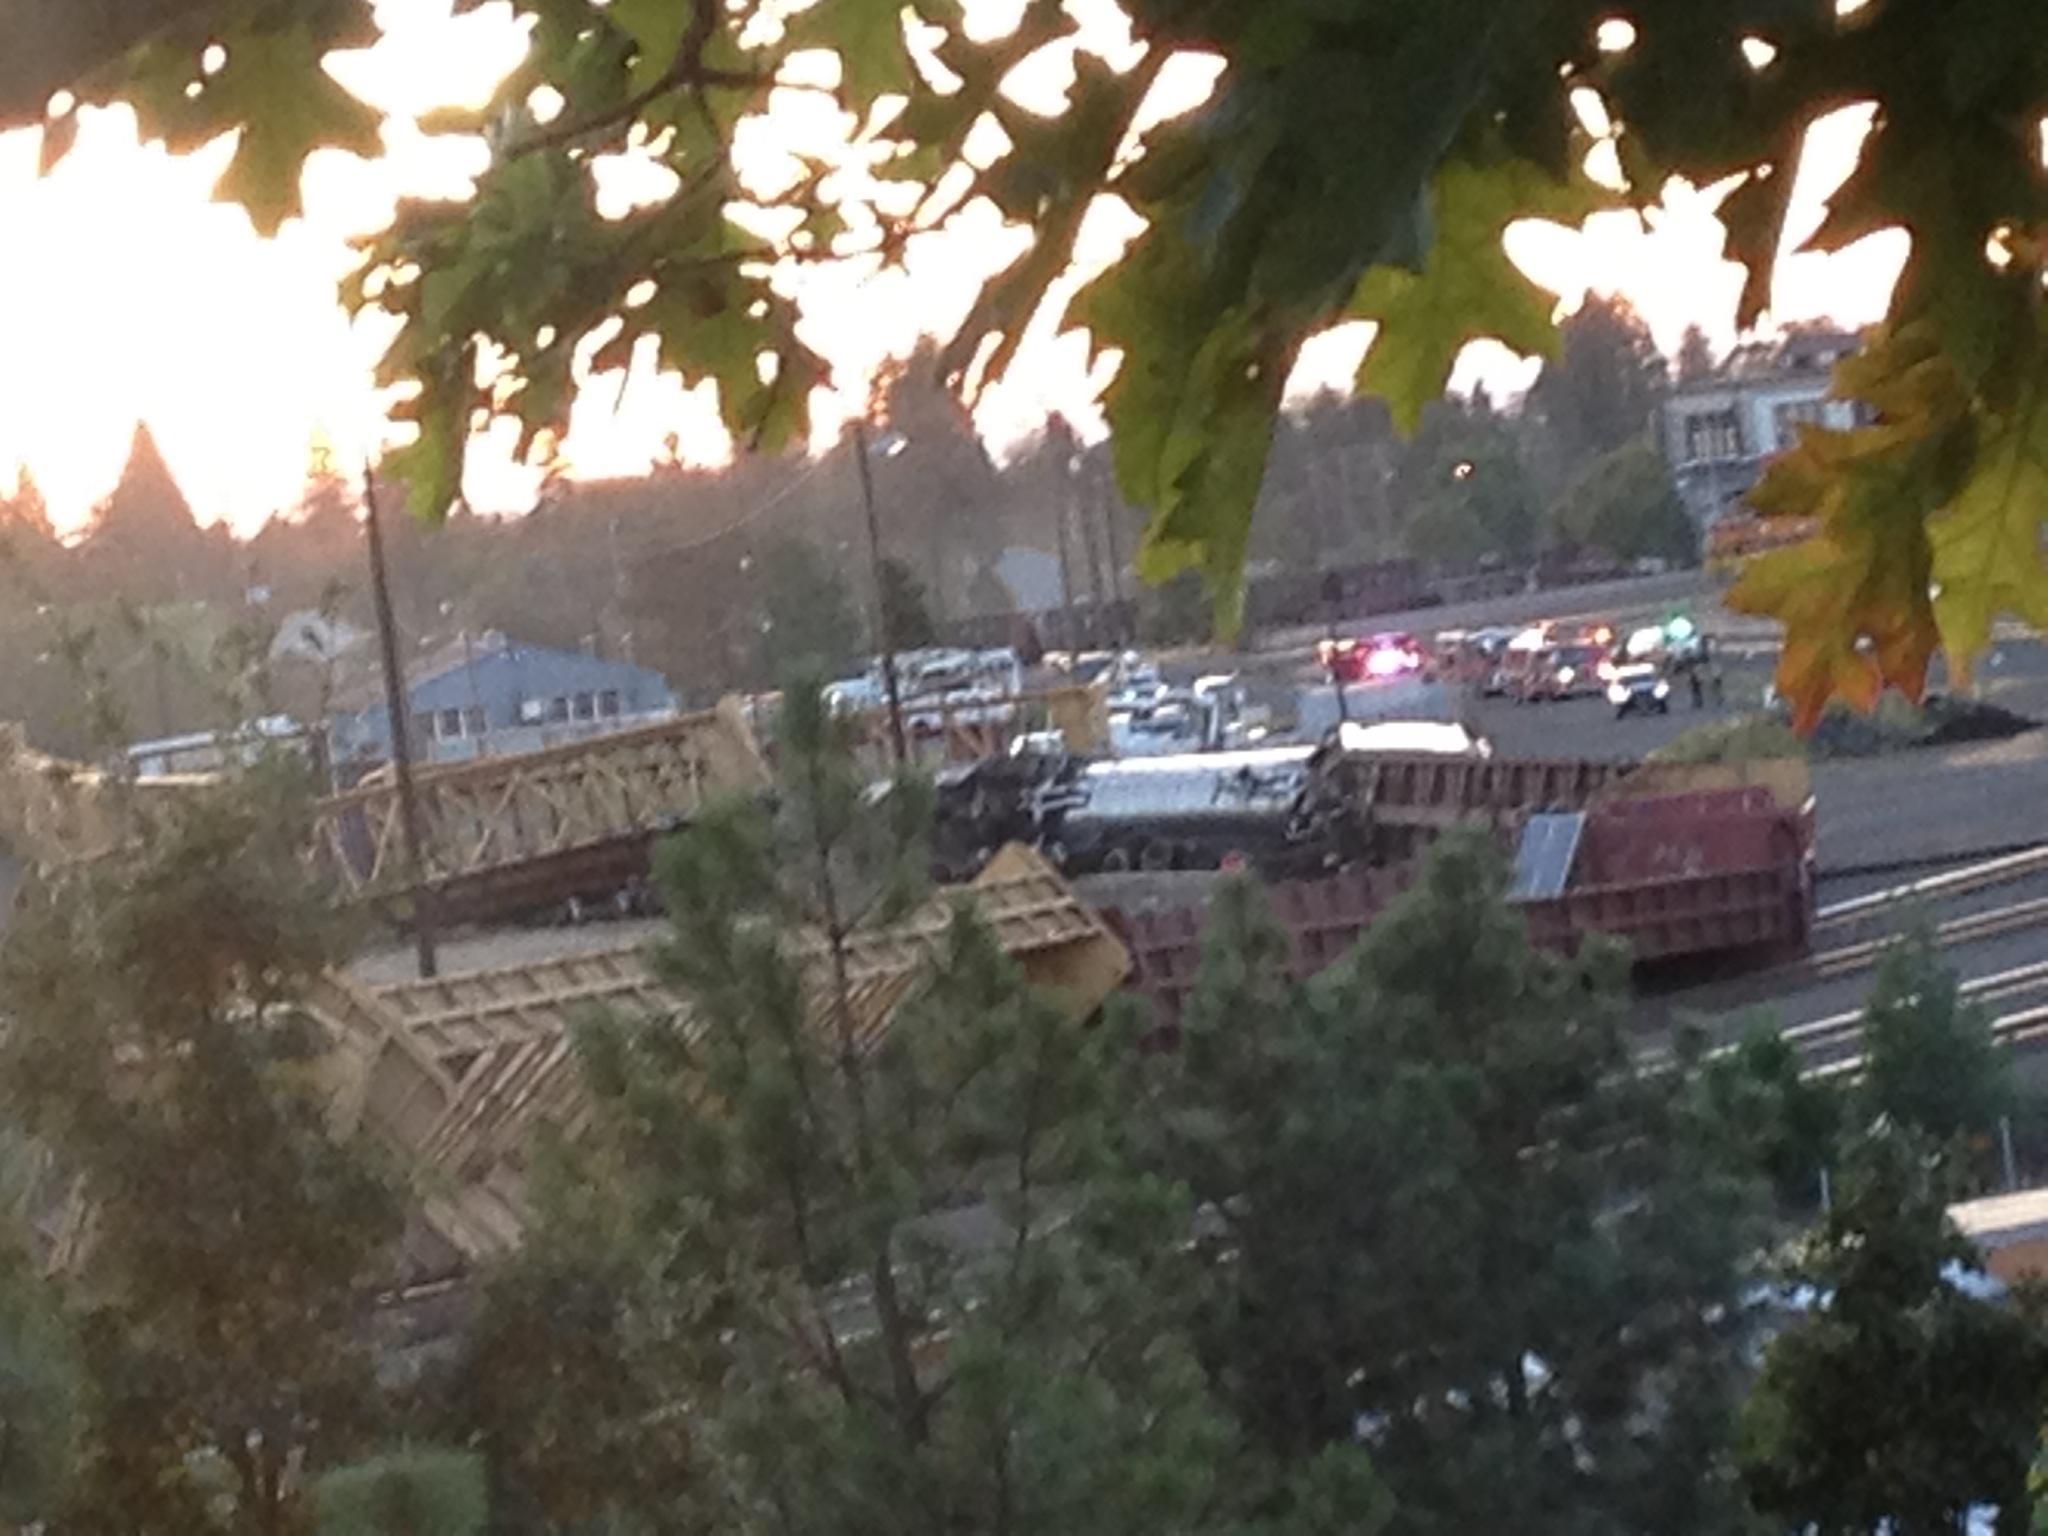 13-car train derailment in Eugene prompts hazmat measures